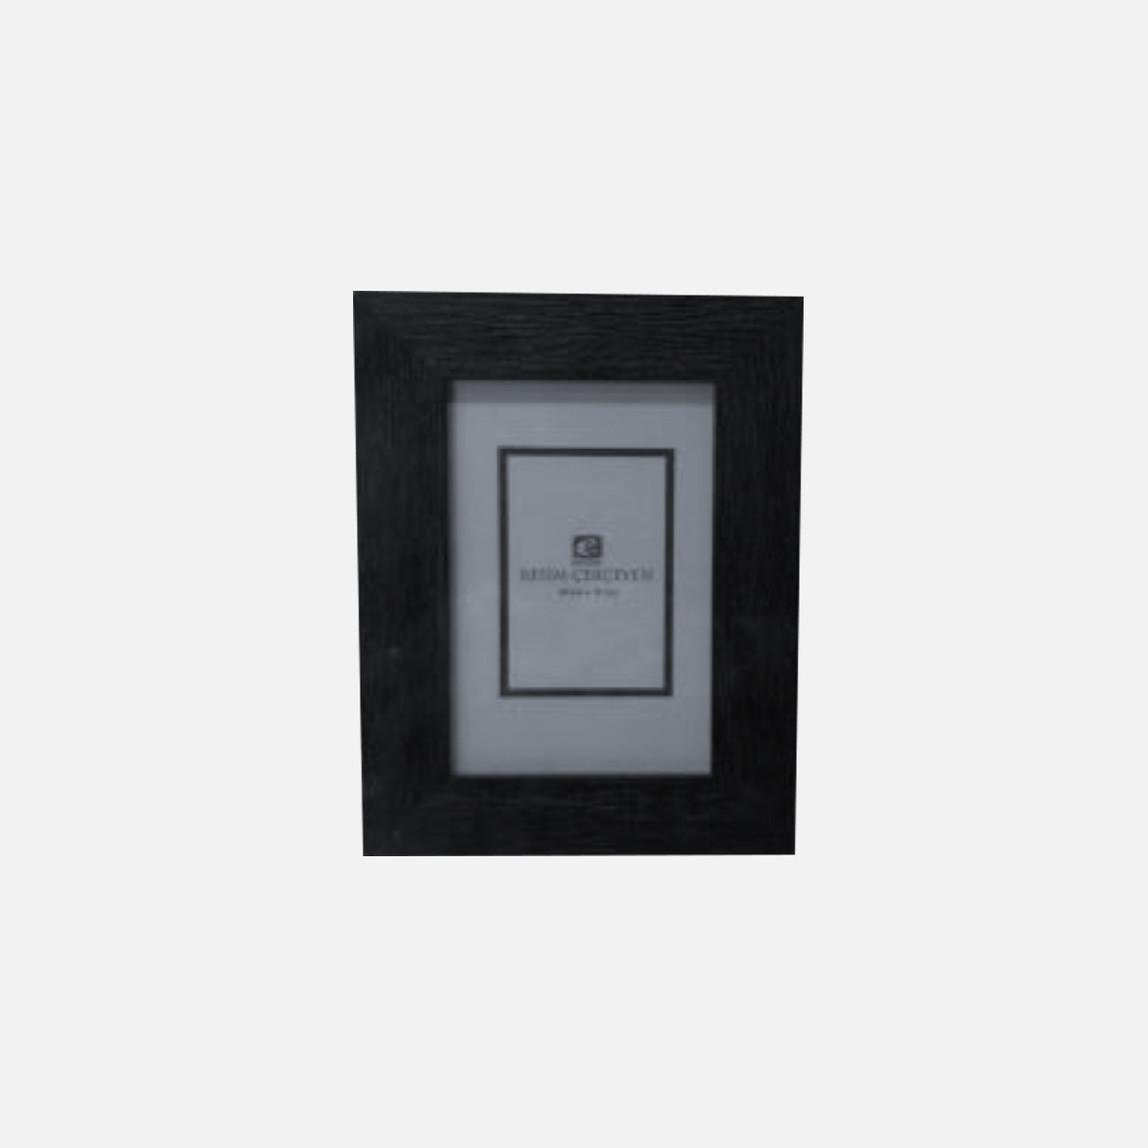 30 Lık 18x24 Siyah Çerçeve